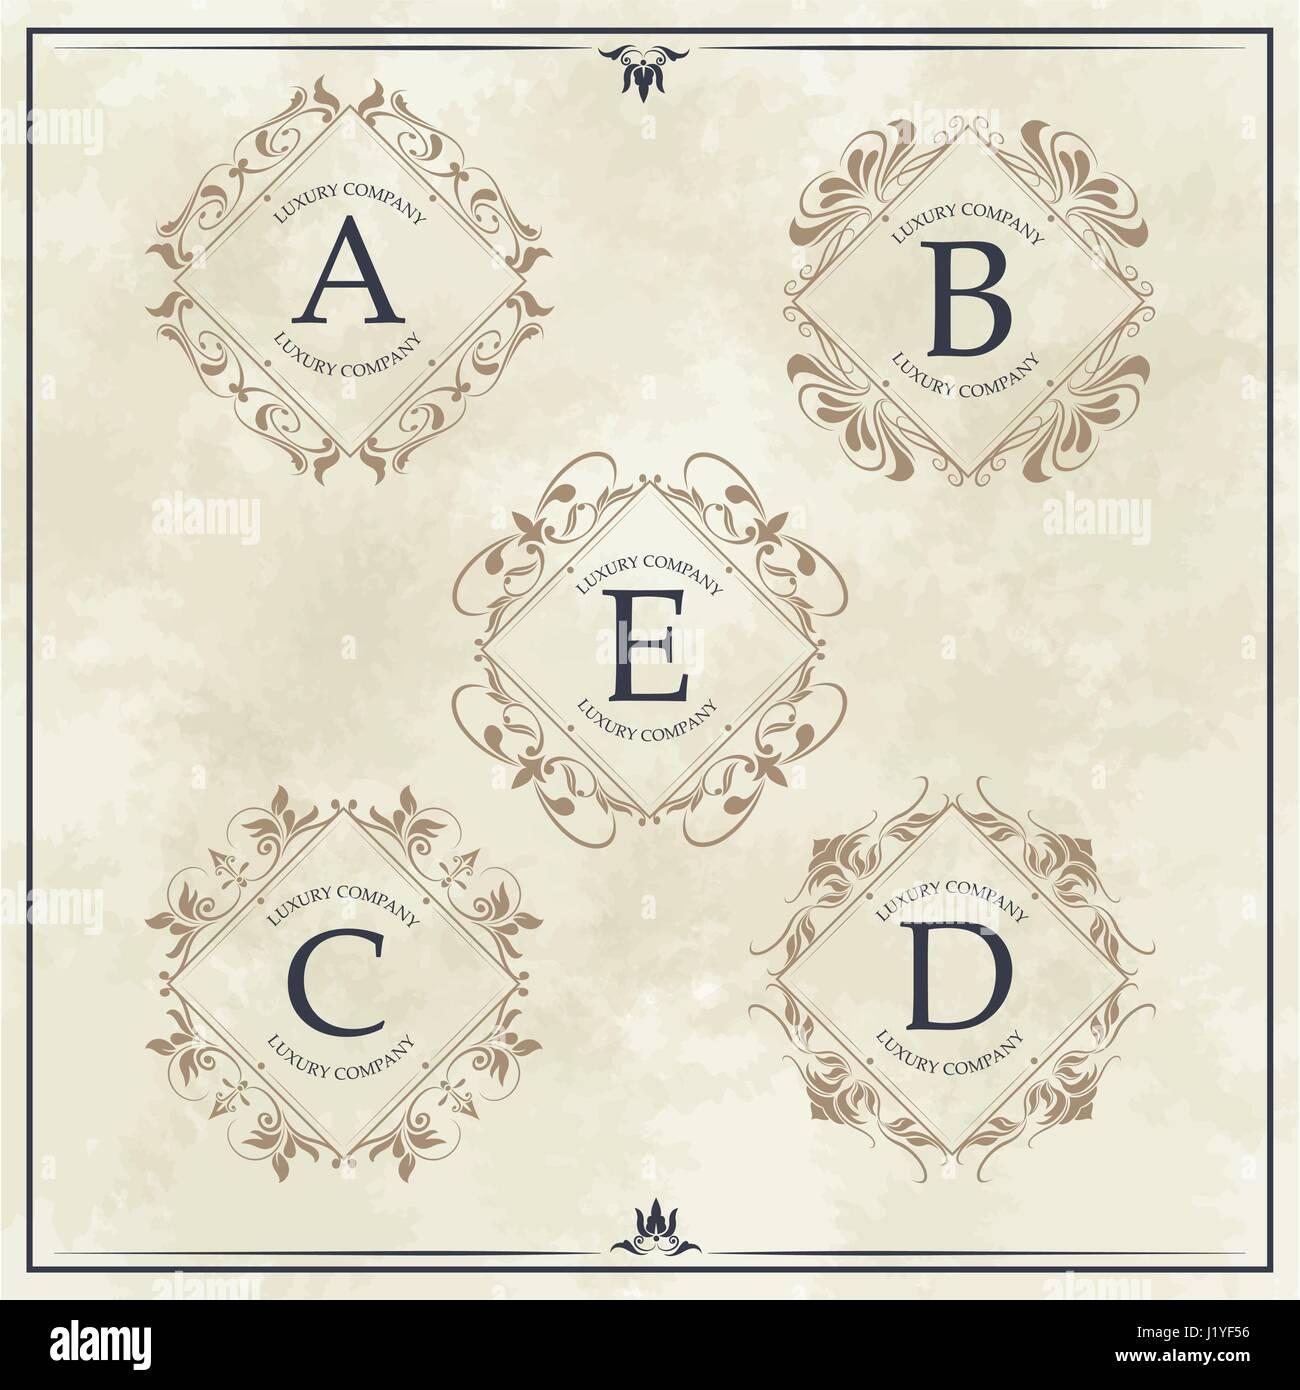 luxury company monogram typographic identity template - Stock Image